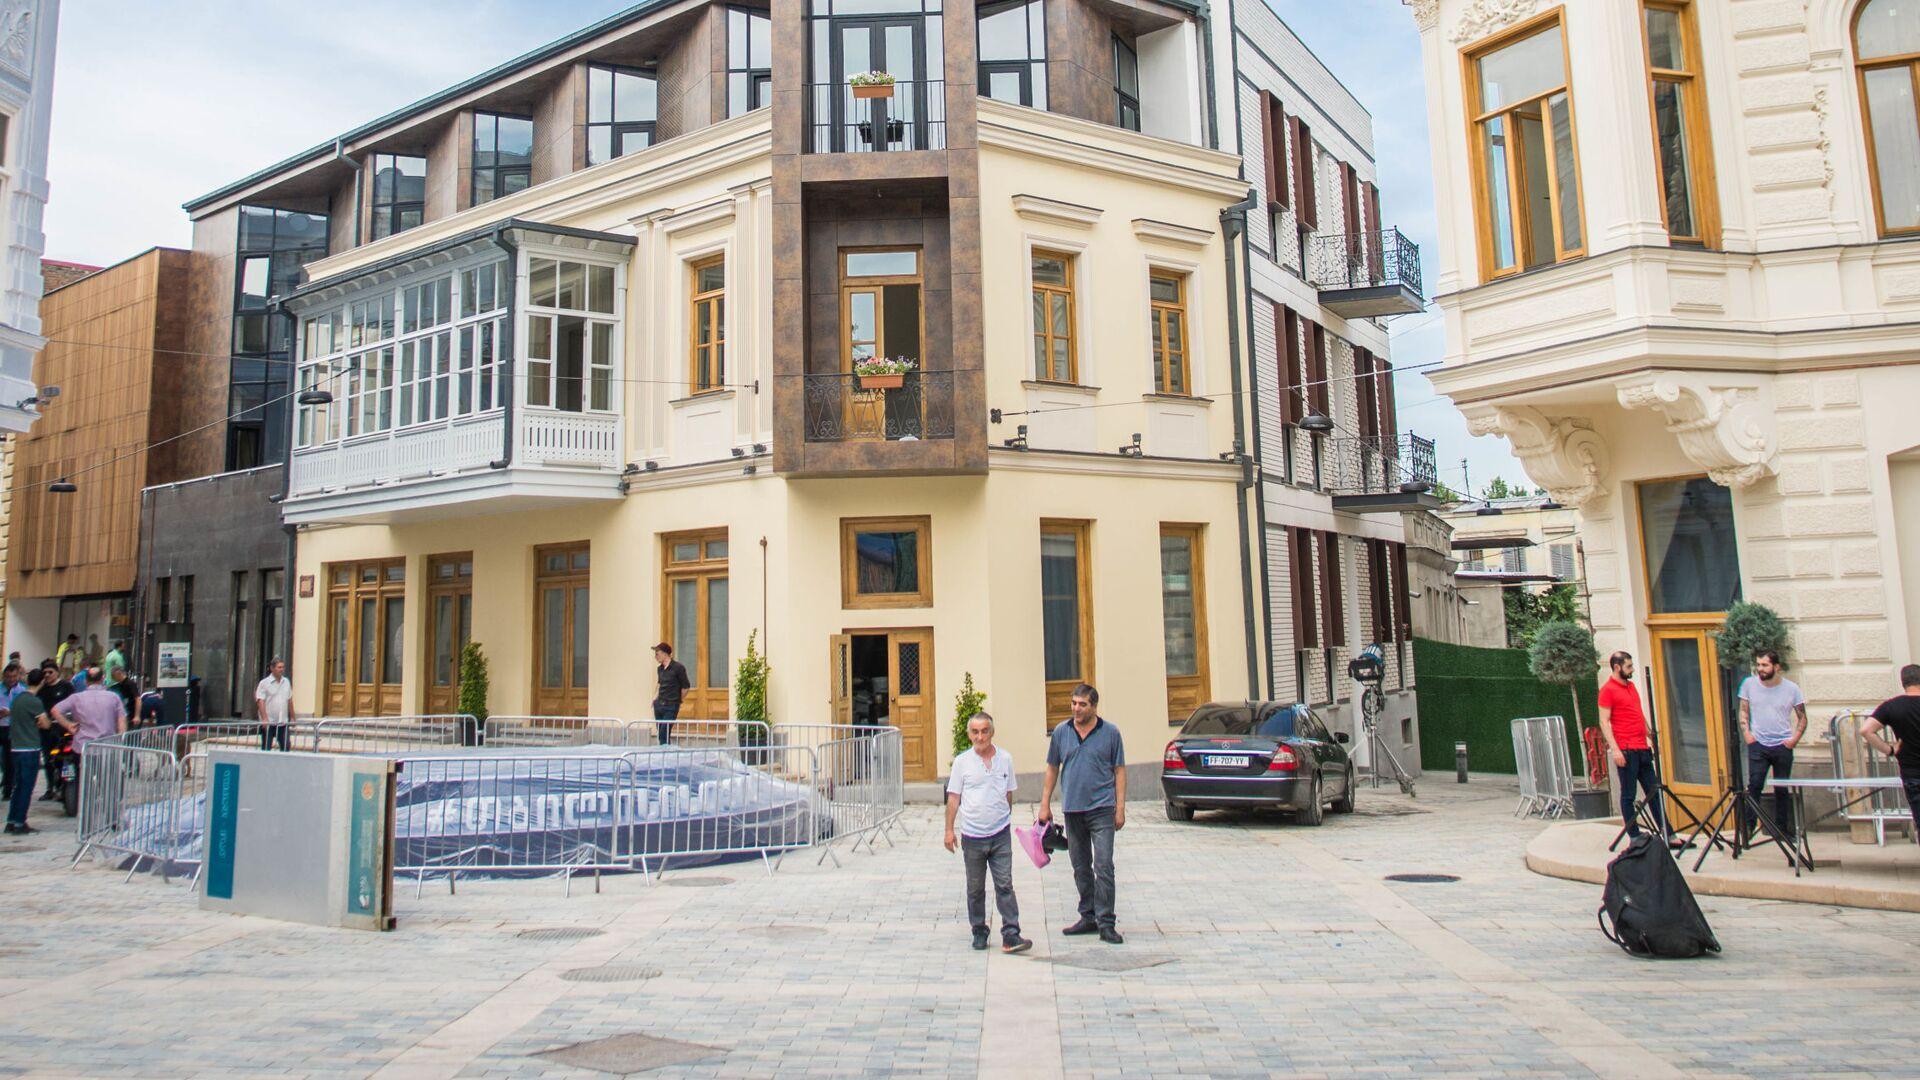 Здания после ремонтно-восстановительных работ. Из серии Площадь Орбелиани после реконструкции - Sputnik Грузия, 1920, 29.09.2021